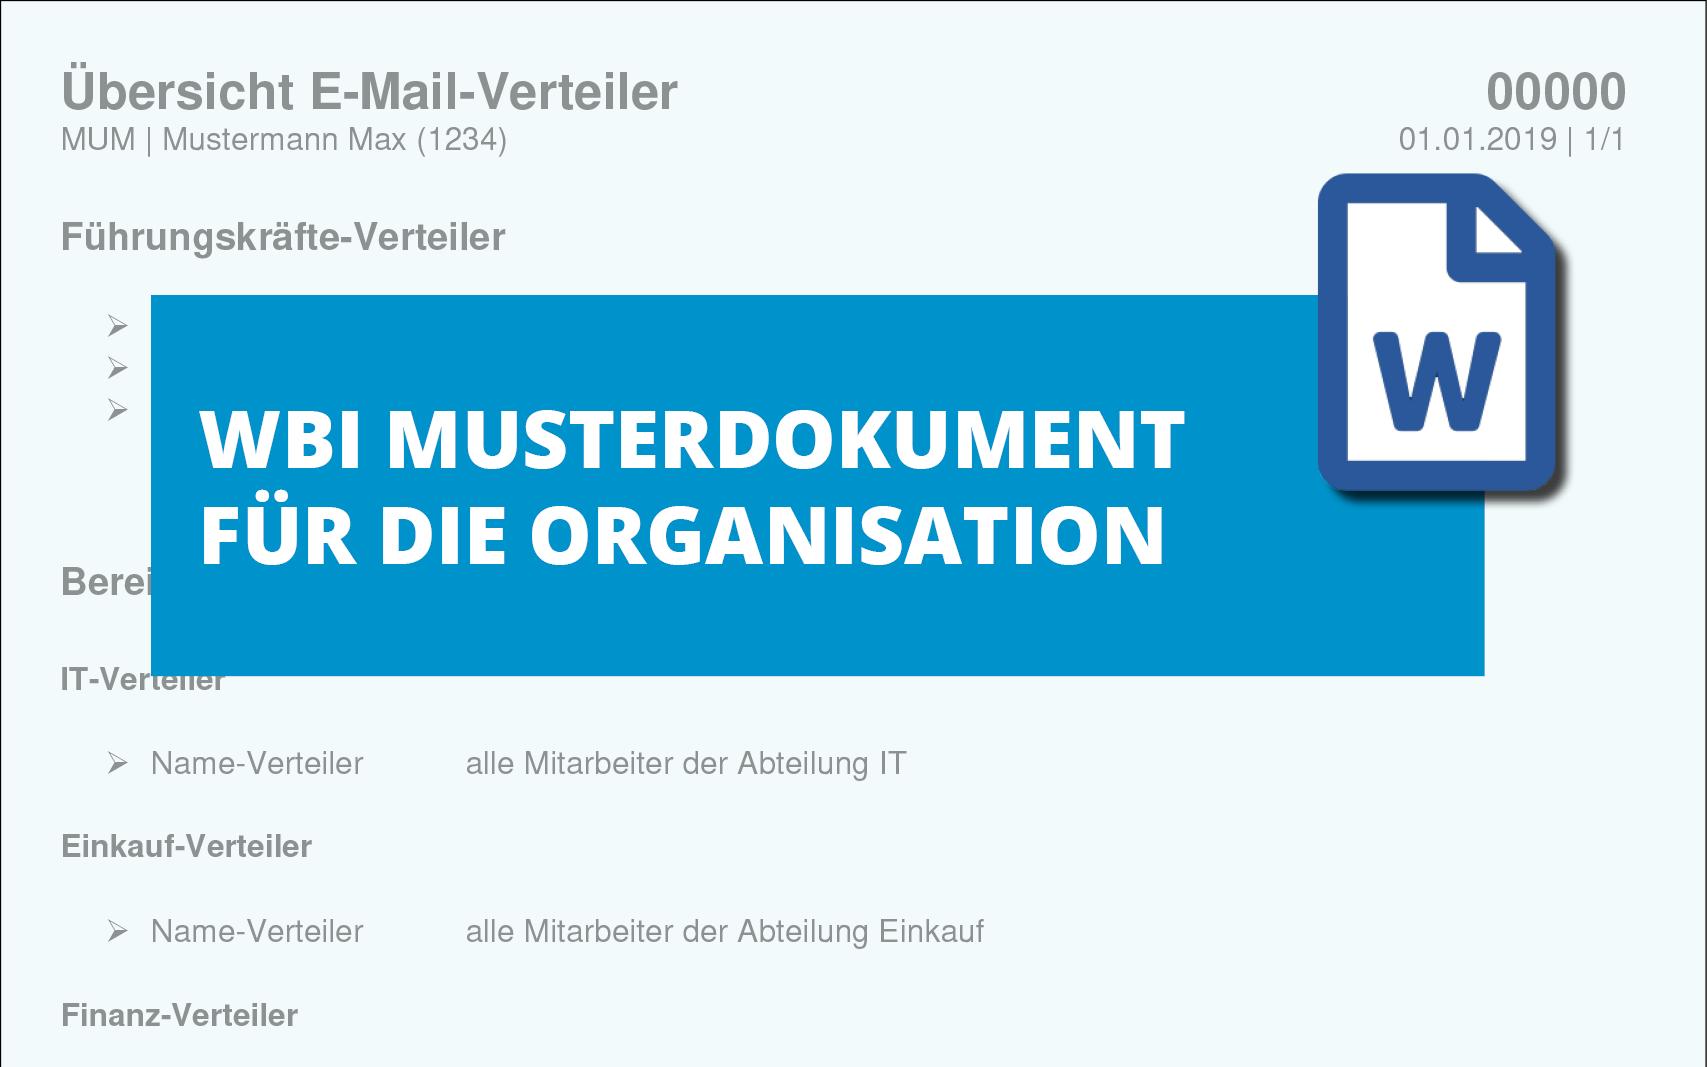 uebersicht-e-mail-verteiler